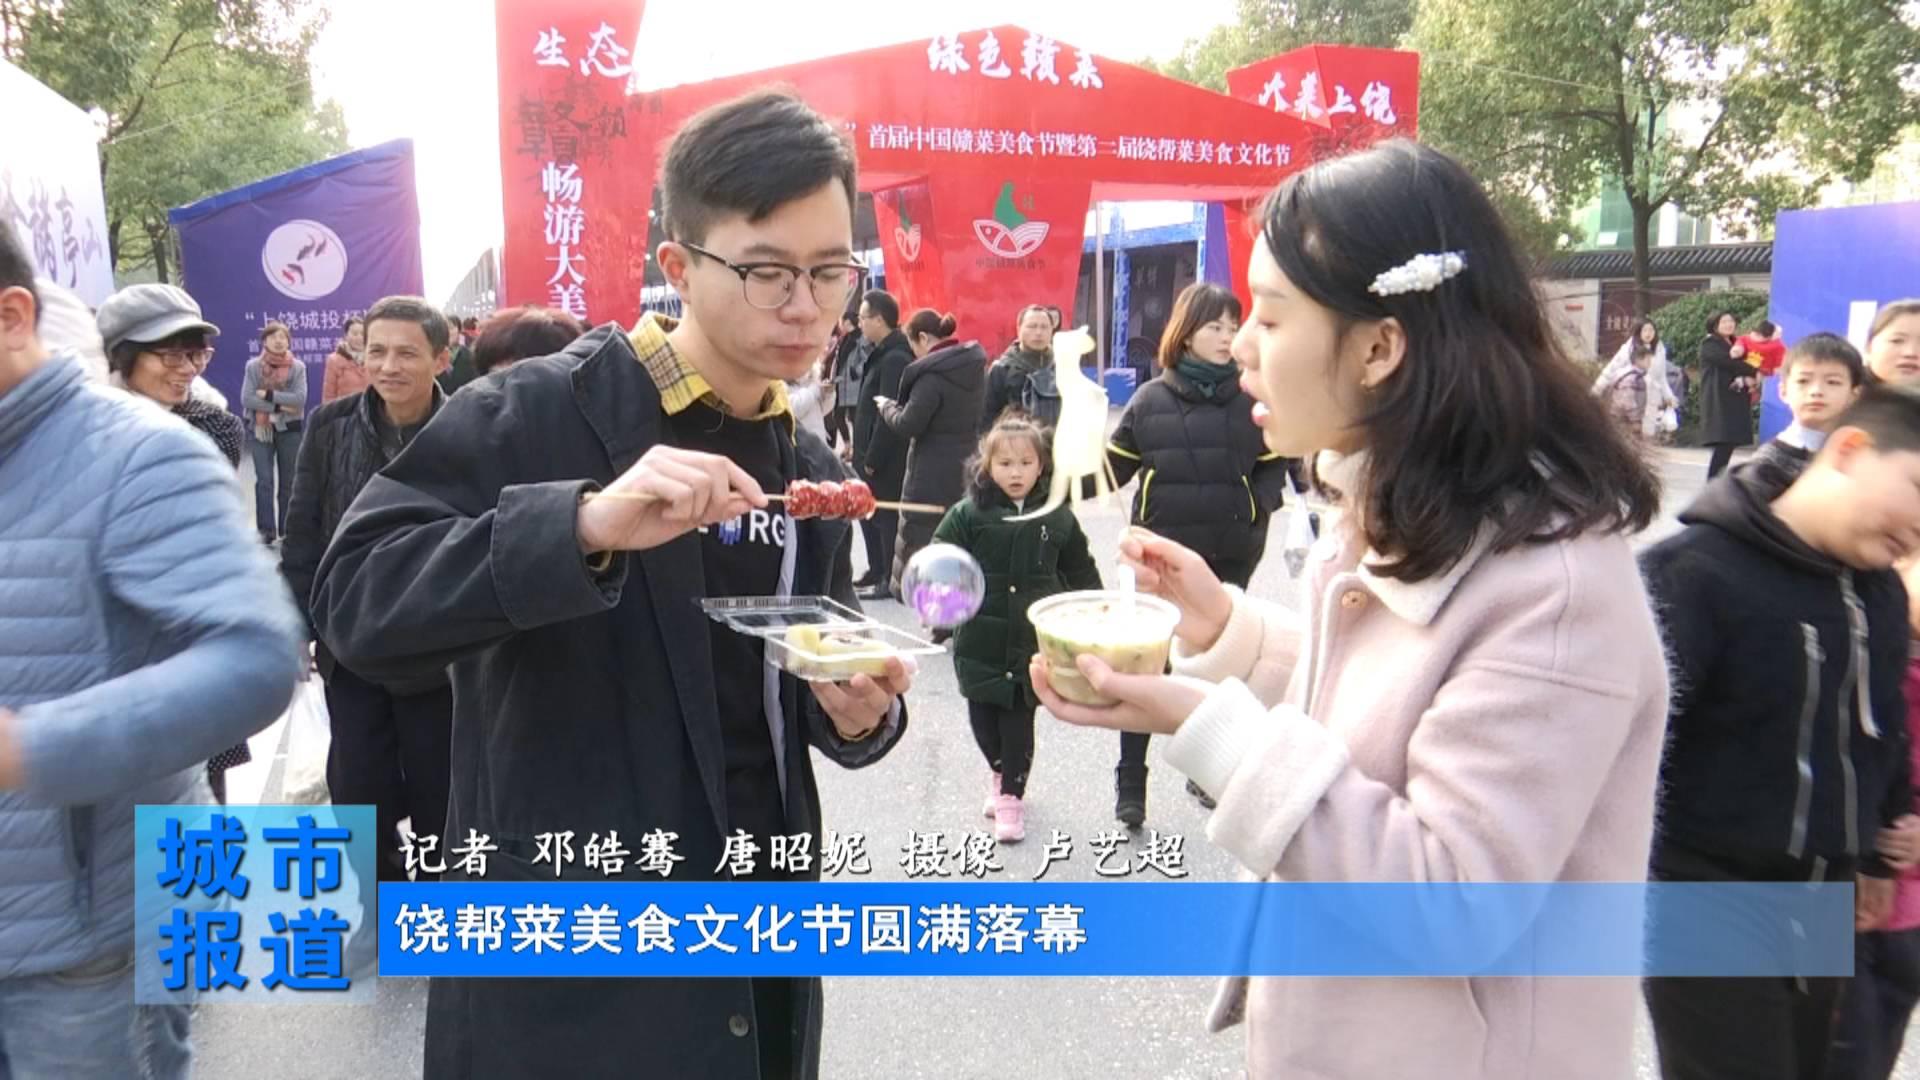 饶帮菜美食文化节圆满落幕